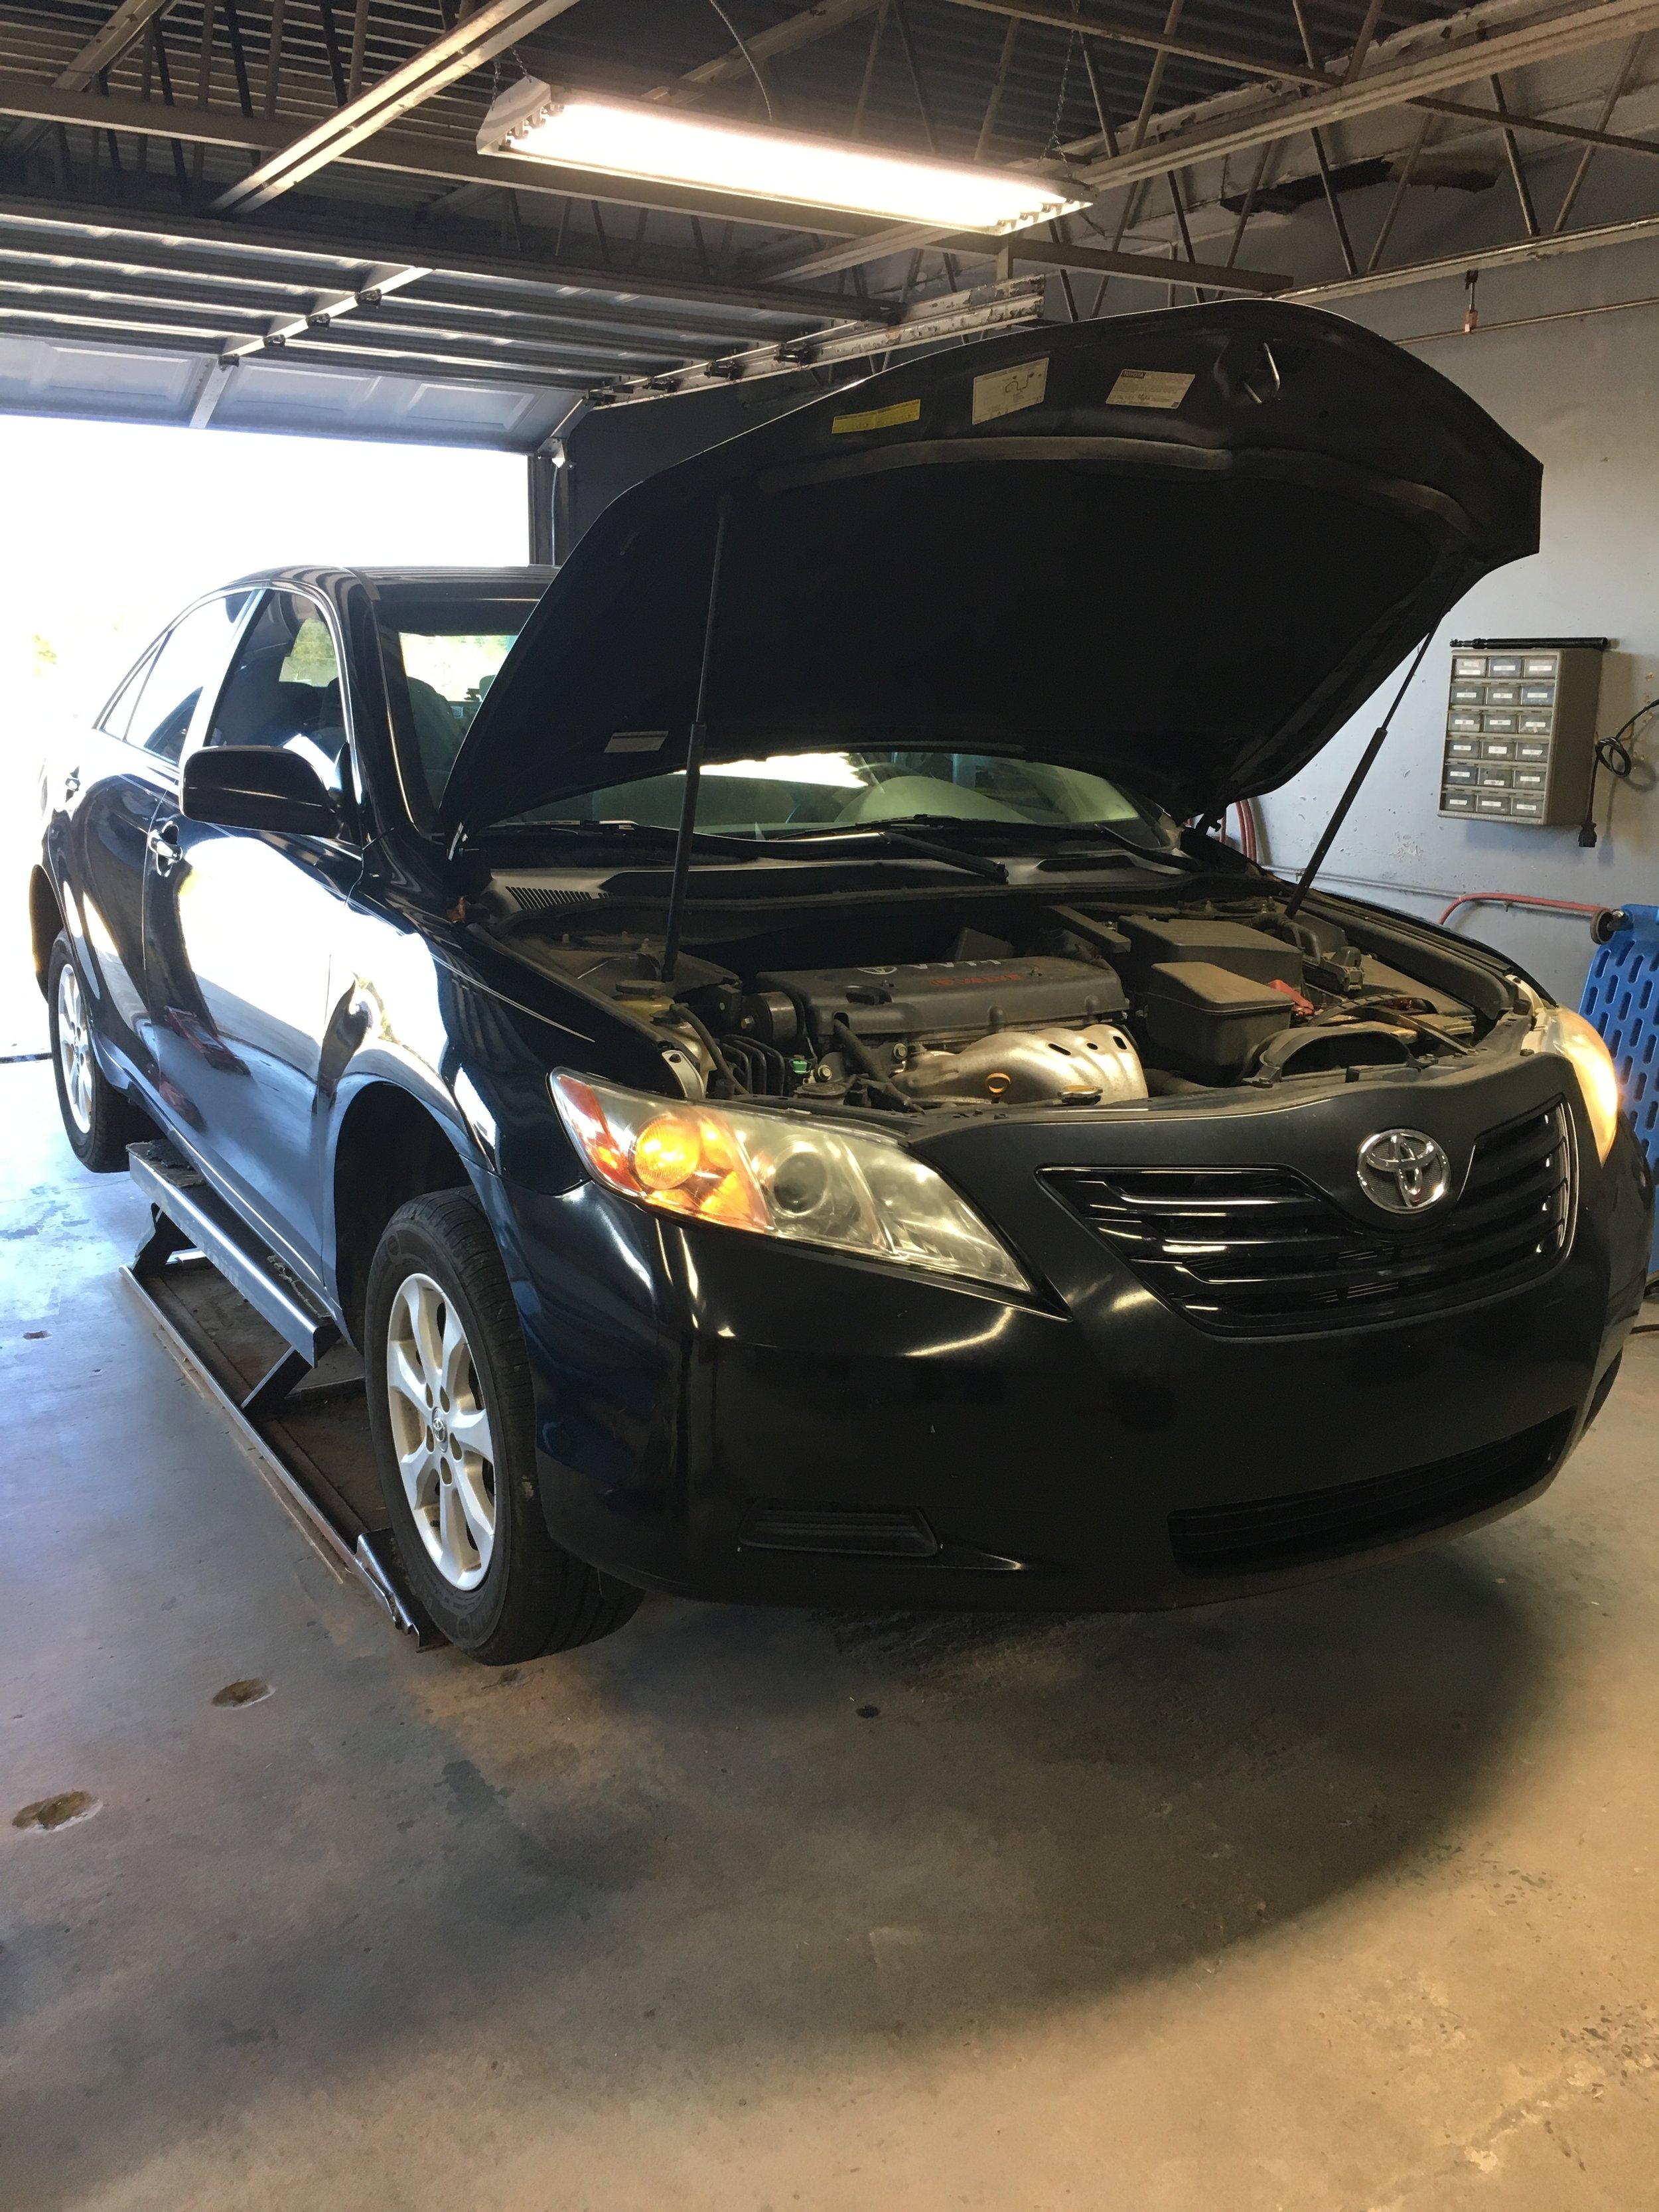 inspection/car/matthews